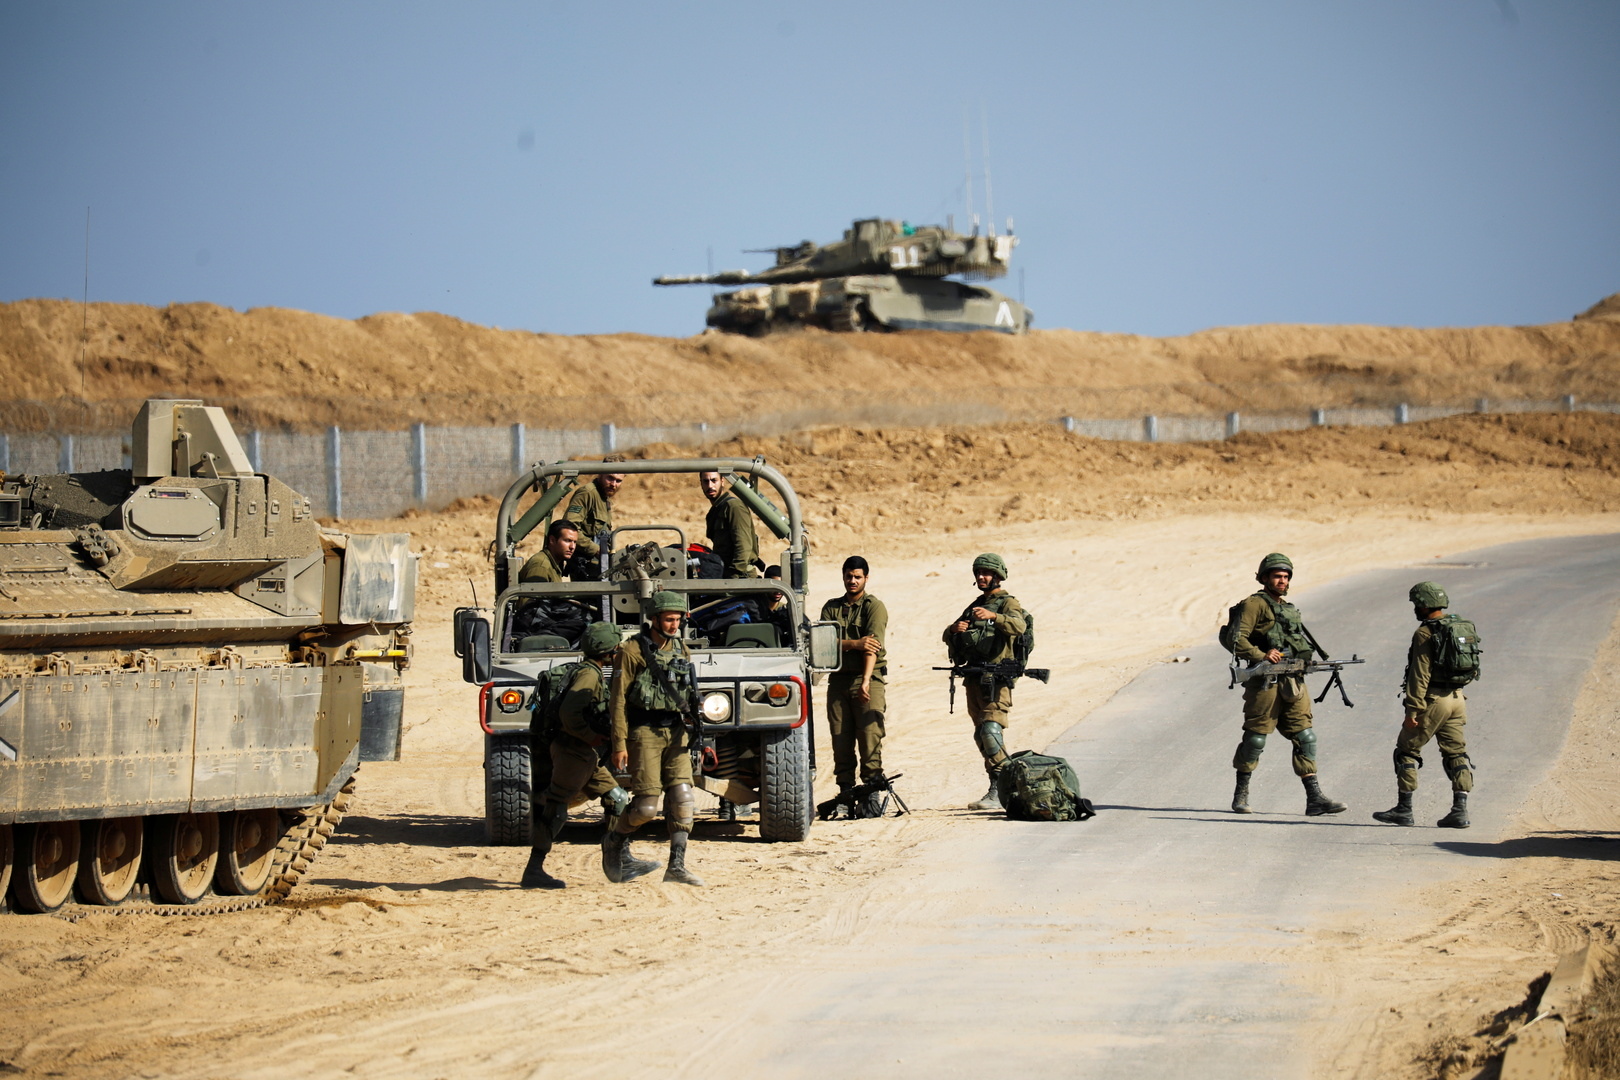 إصابة جندي إسرائيلي برصاصة في الرأس في غور الأردن